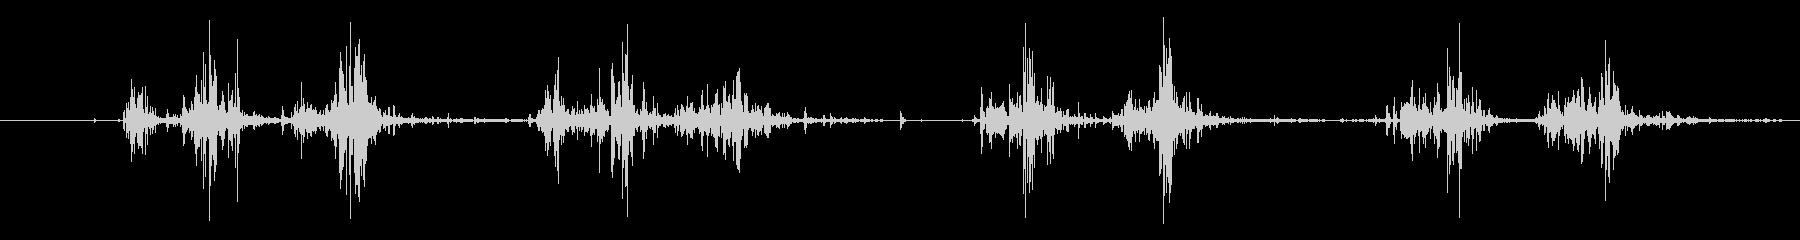 タブレッド菓子を出す音1 ステレオの未再生の波形